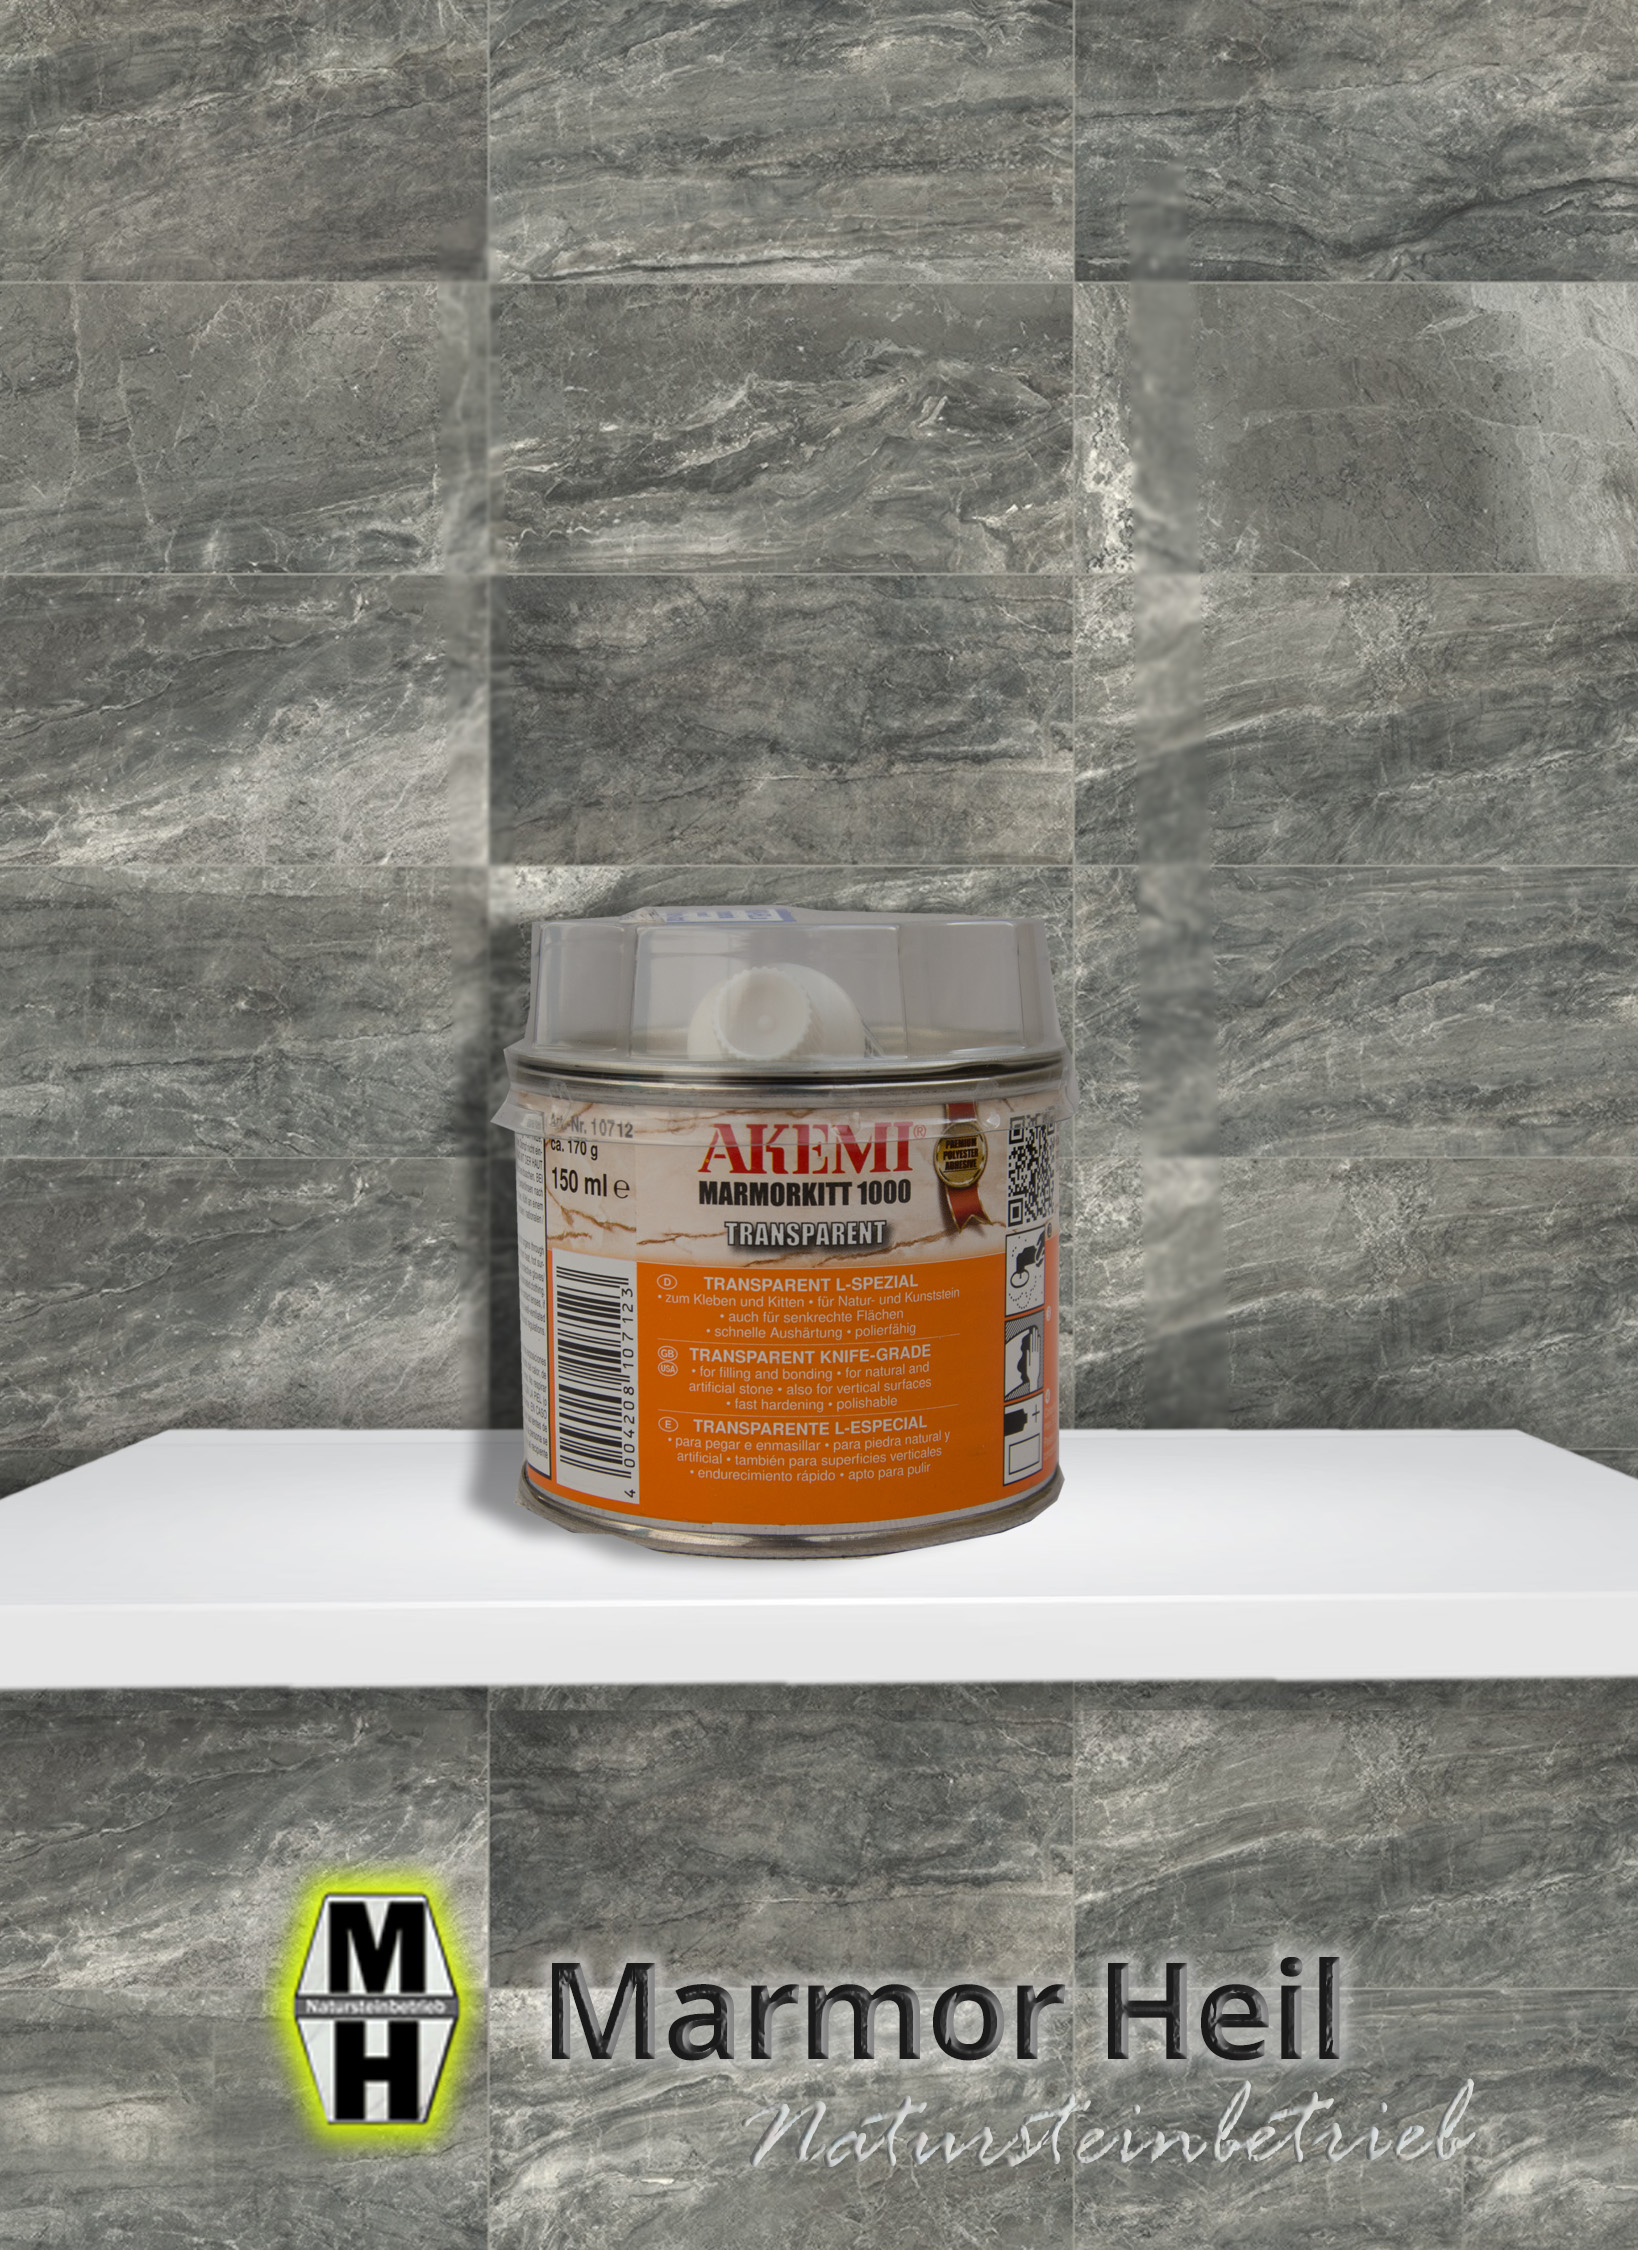 Akemi Marmorkitt 1000 Transparent L-Spezial 10712/10710